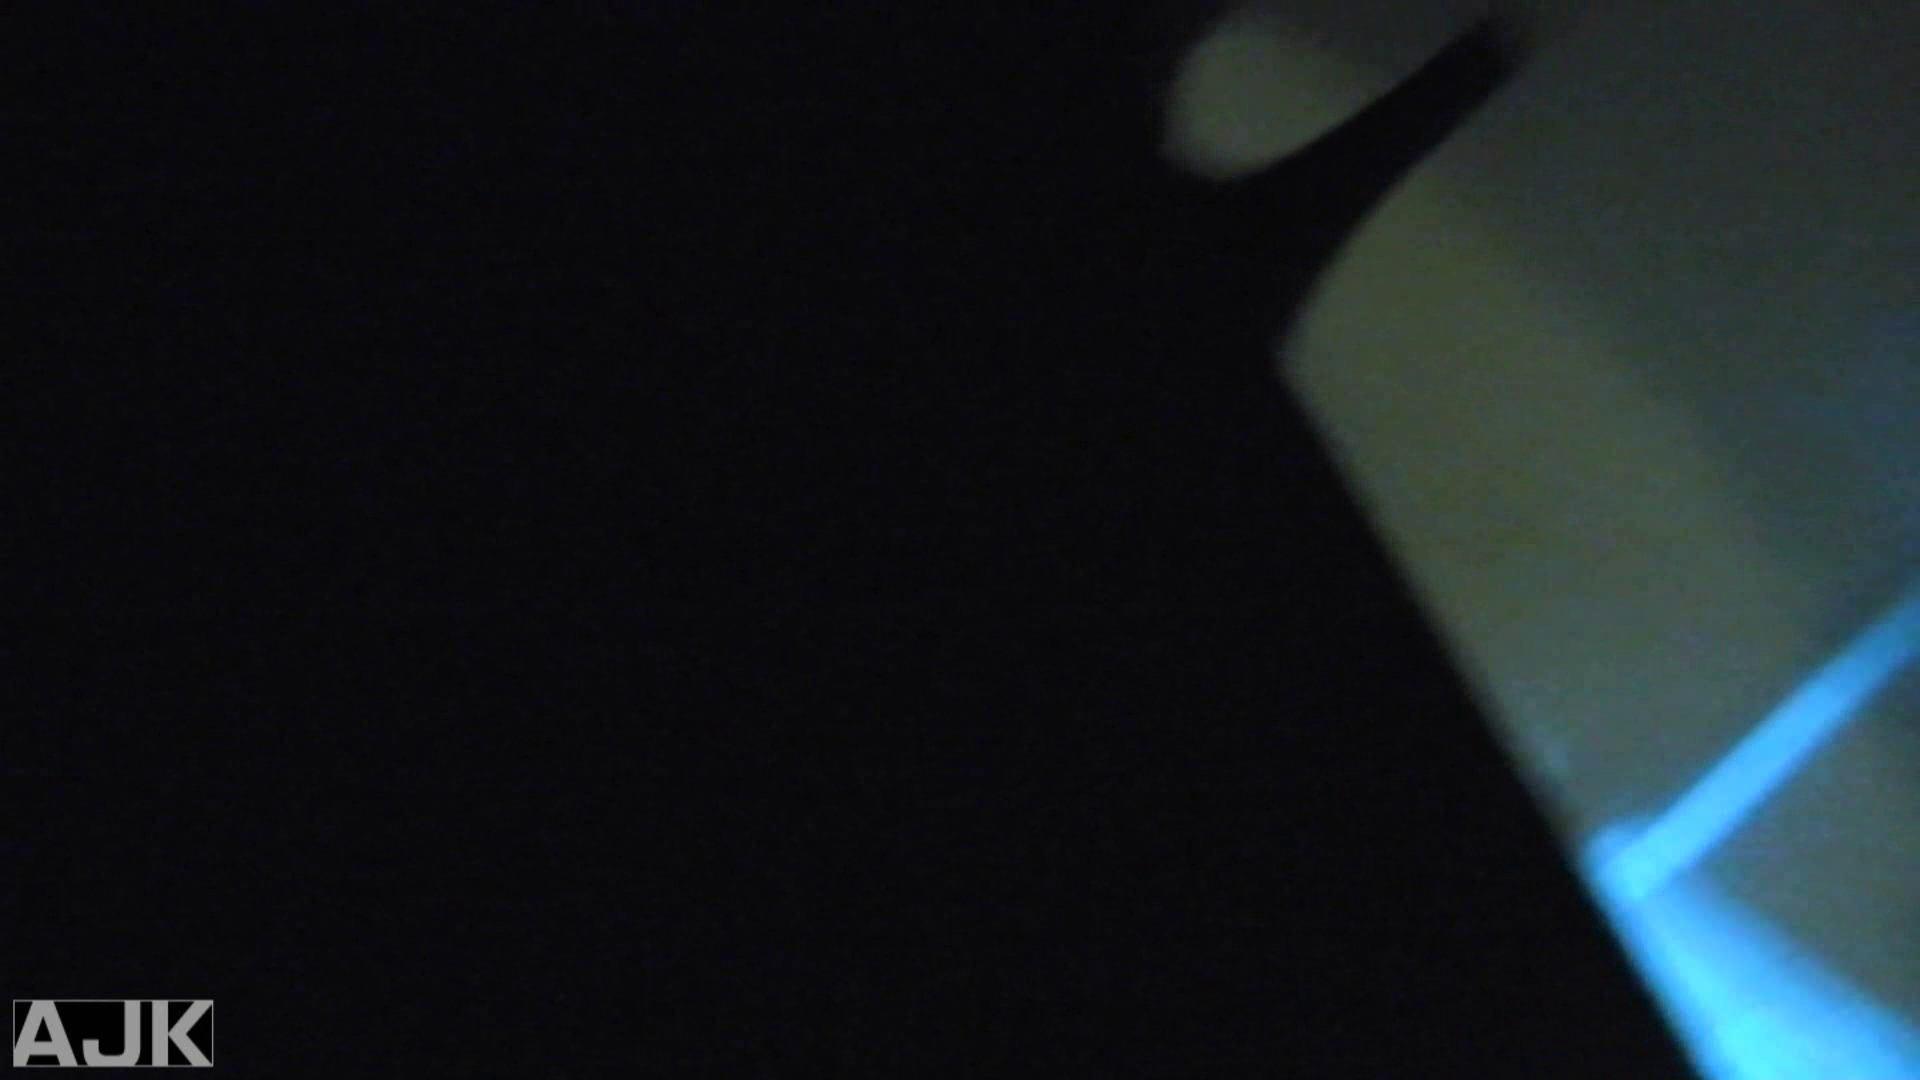 神降臨!史上最強の潜入かわや! vol.21 オマンコ | 盗撮  76pic 17